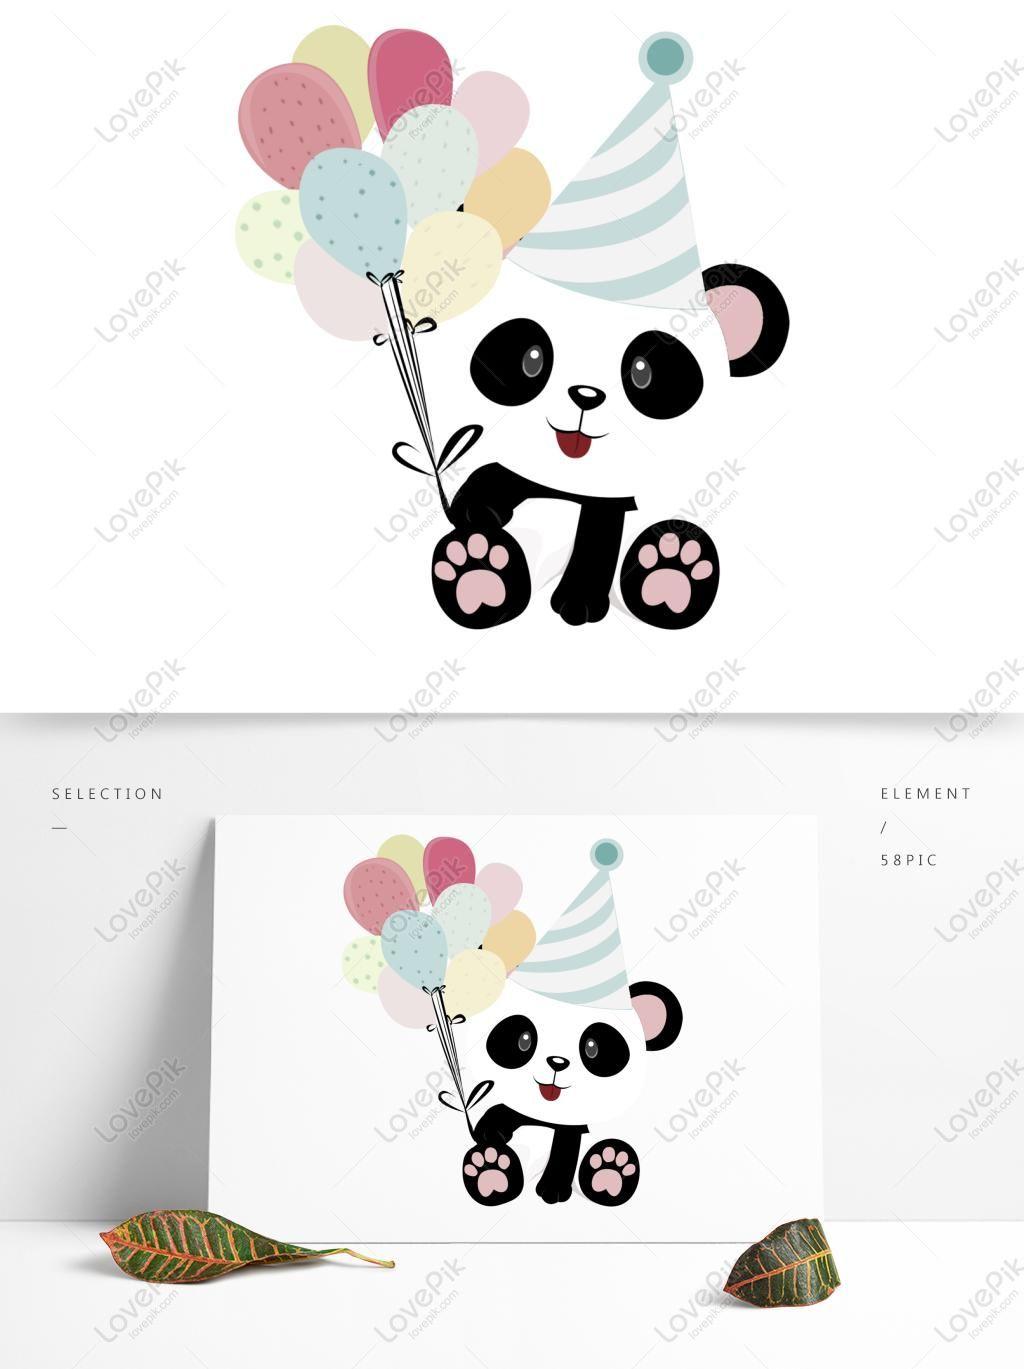 الباندا لطيف لطيف مع عيد ميلاد بالون Cute Animal Drawings Cute Panda Birthday Balloons